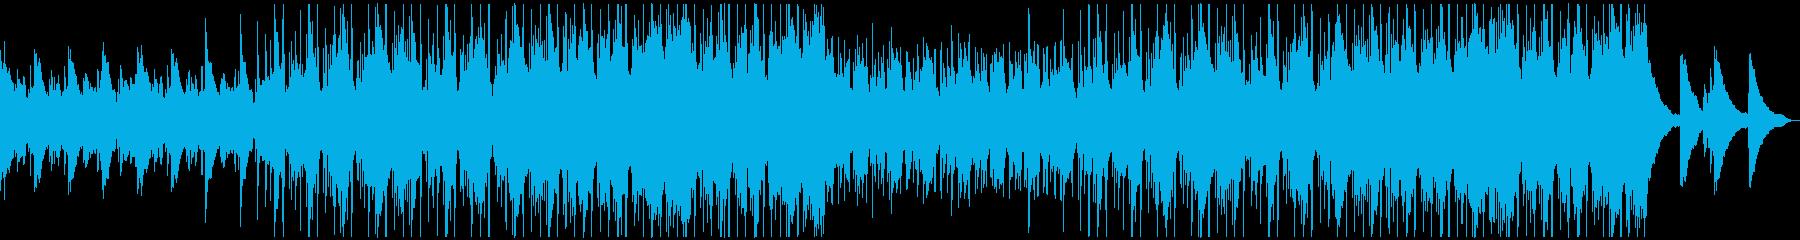 切ない ピアノ R&Bの再生済みの波形